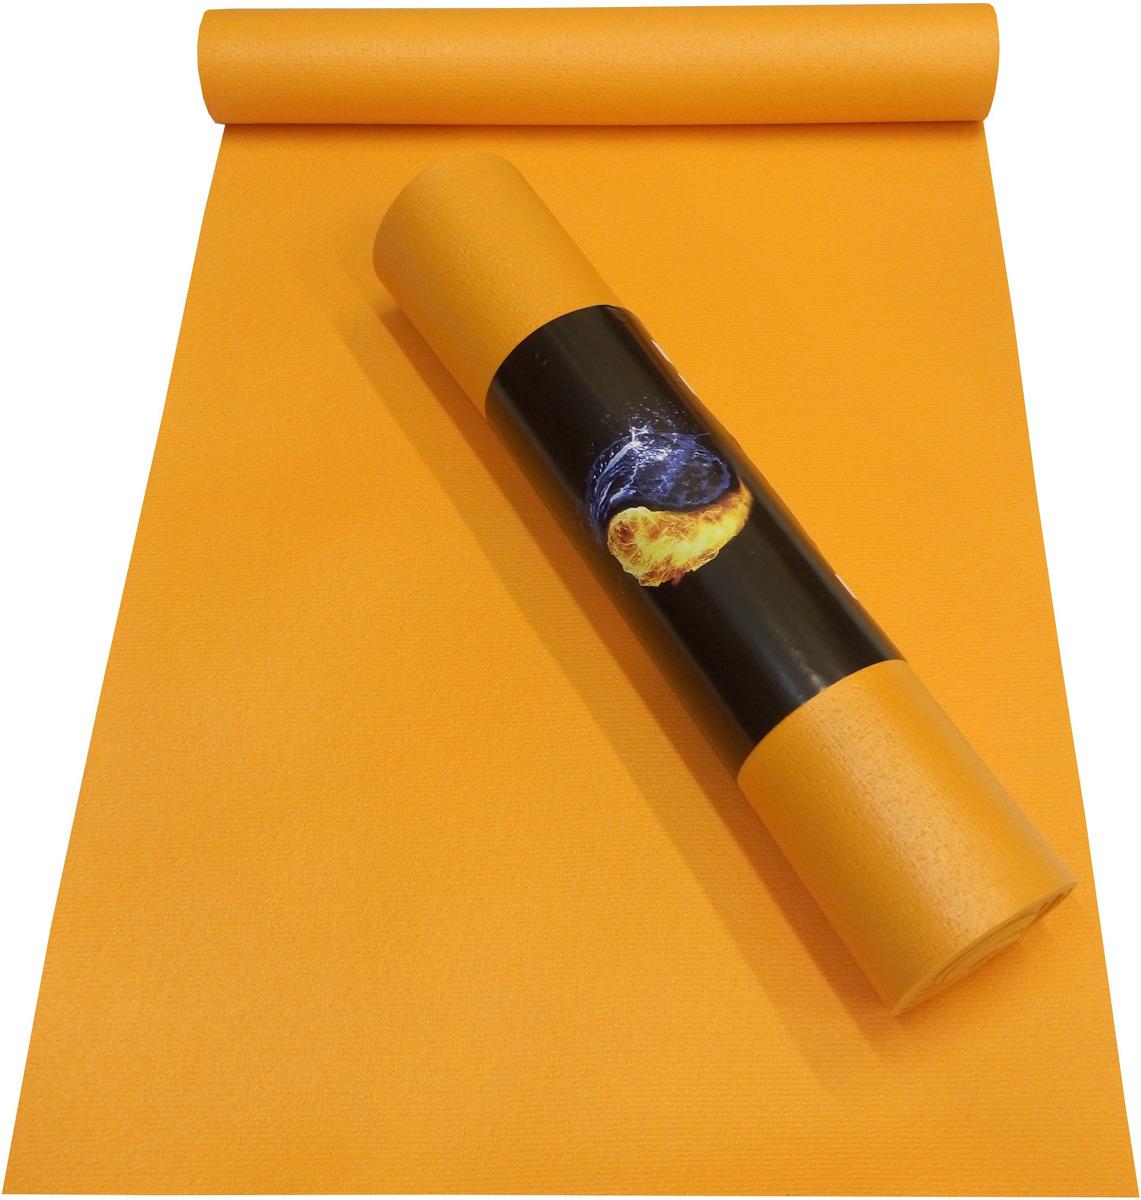 Коврик для йоги детский Ako-Yoga Yin-Yang Studio, цвет: оранжевый, 150 х 60 х 0,45 см коврик для йоги ako yoga yin yang studio цвет синий 185 х 60 х 0 45 см